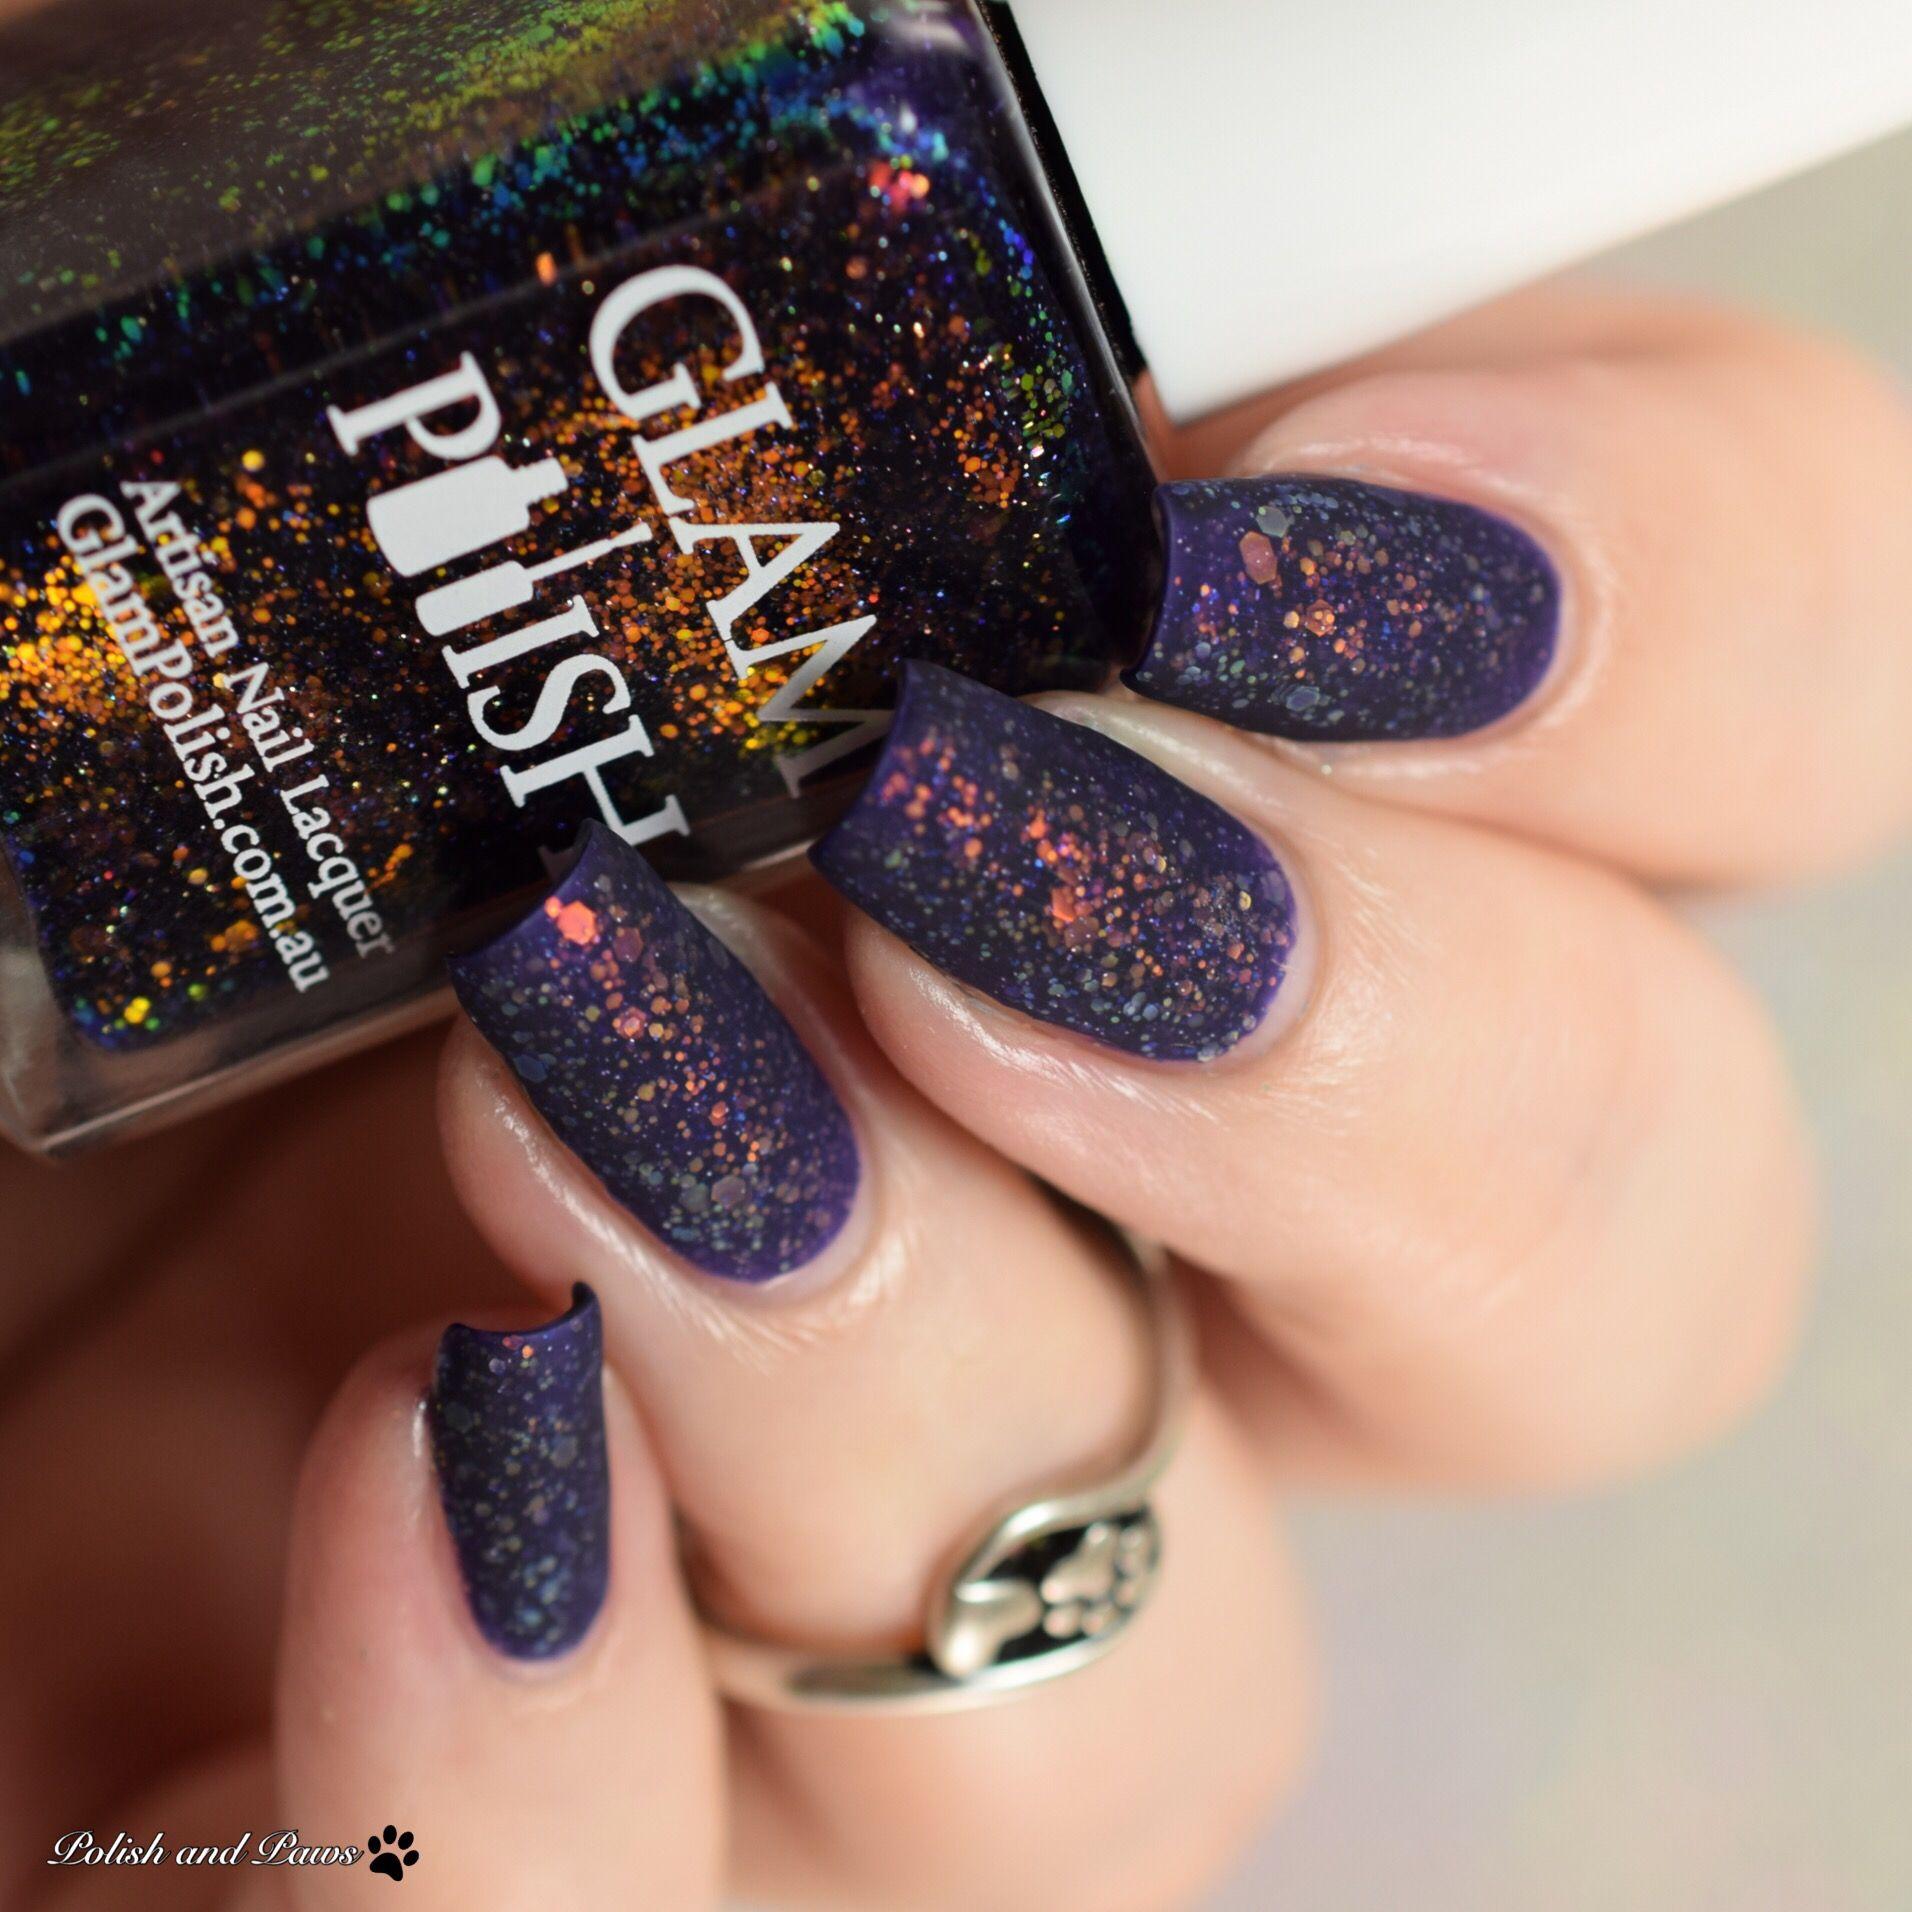 Glam Polish Dungeons & Dragons | Nails | Pinterest | Nail nail ...